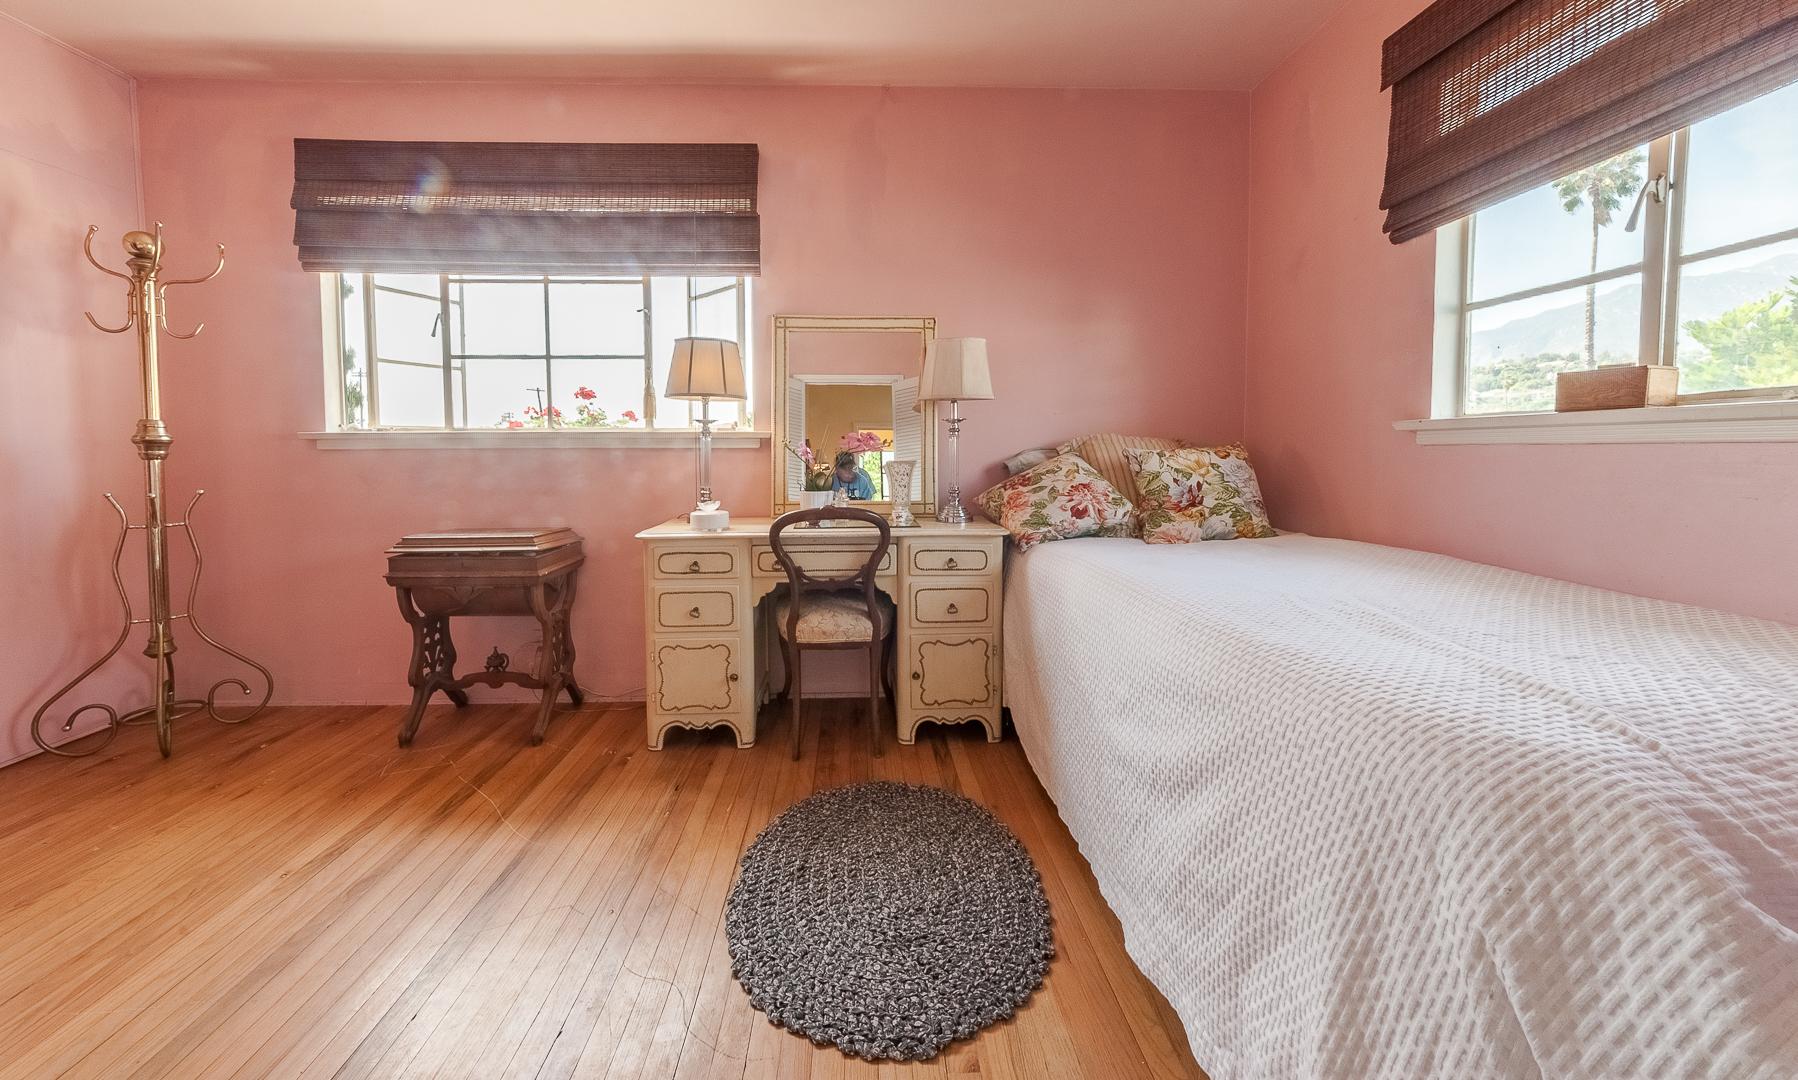 7 - Bedroom 1